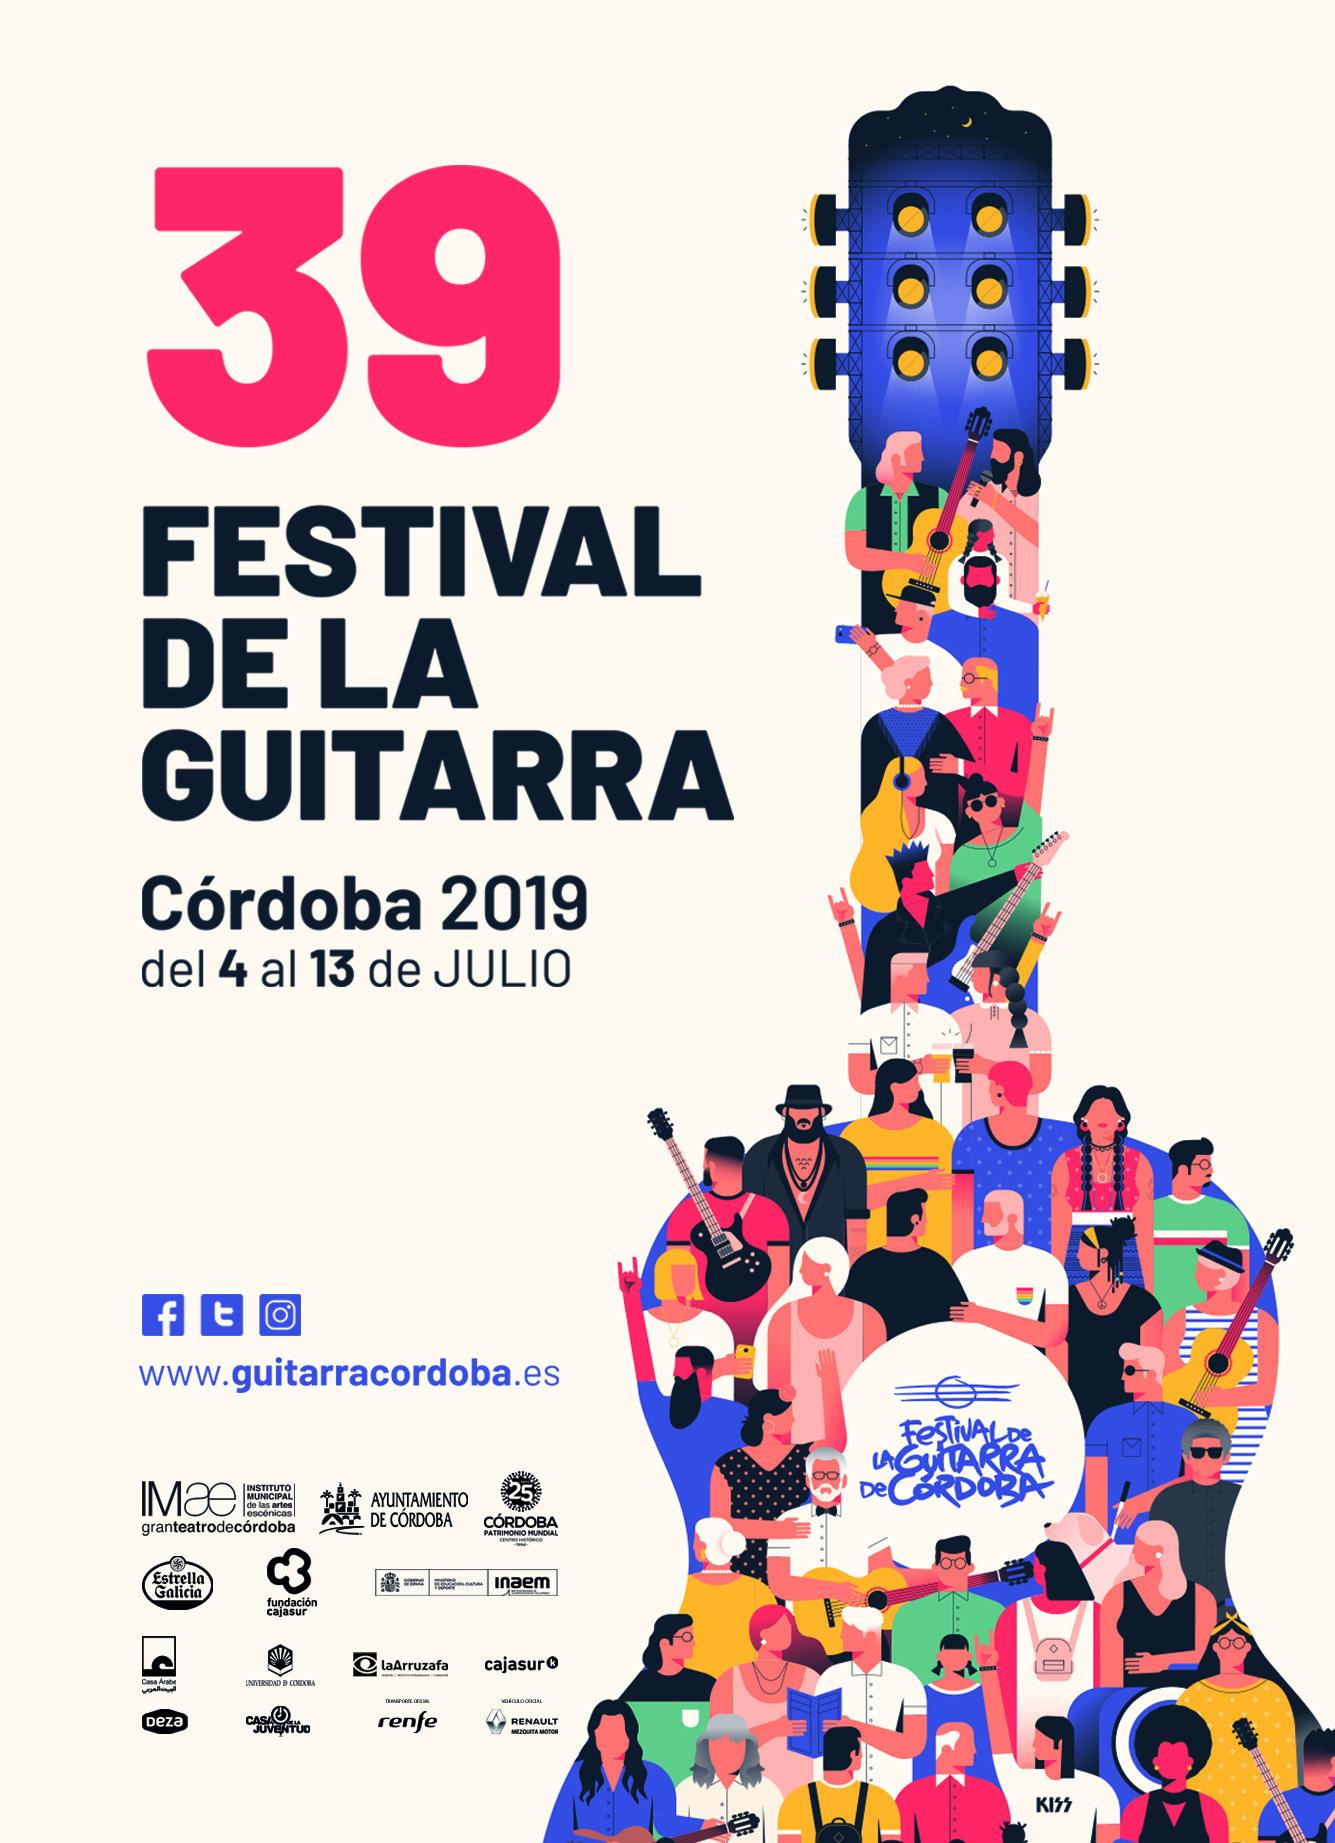 El Festival de la Guitarra de Córdoba  2019 une música y patrimonio